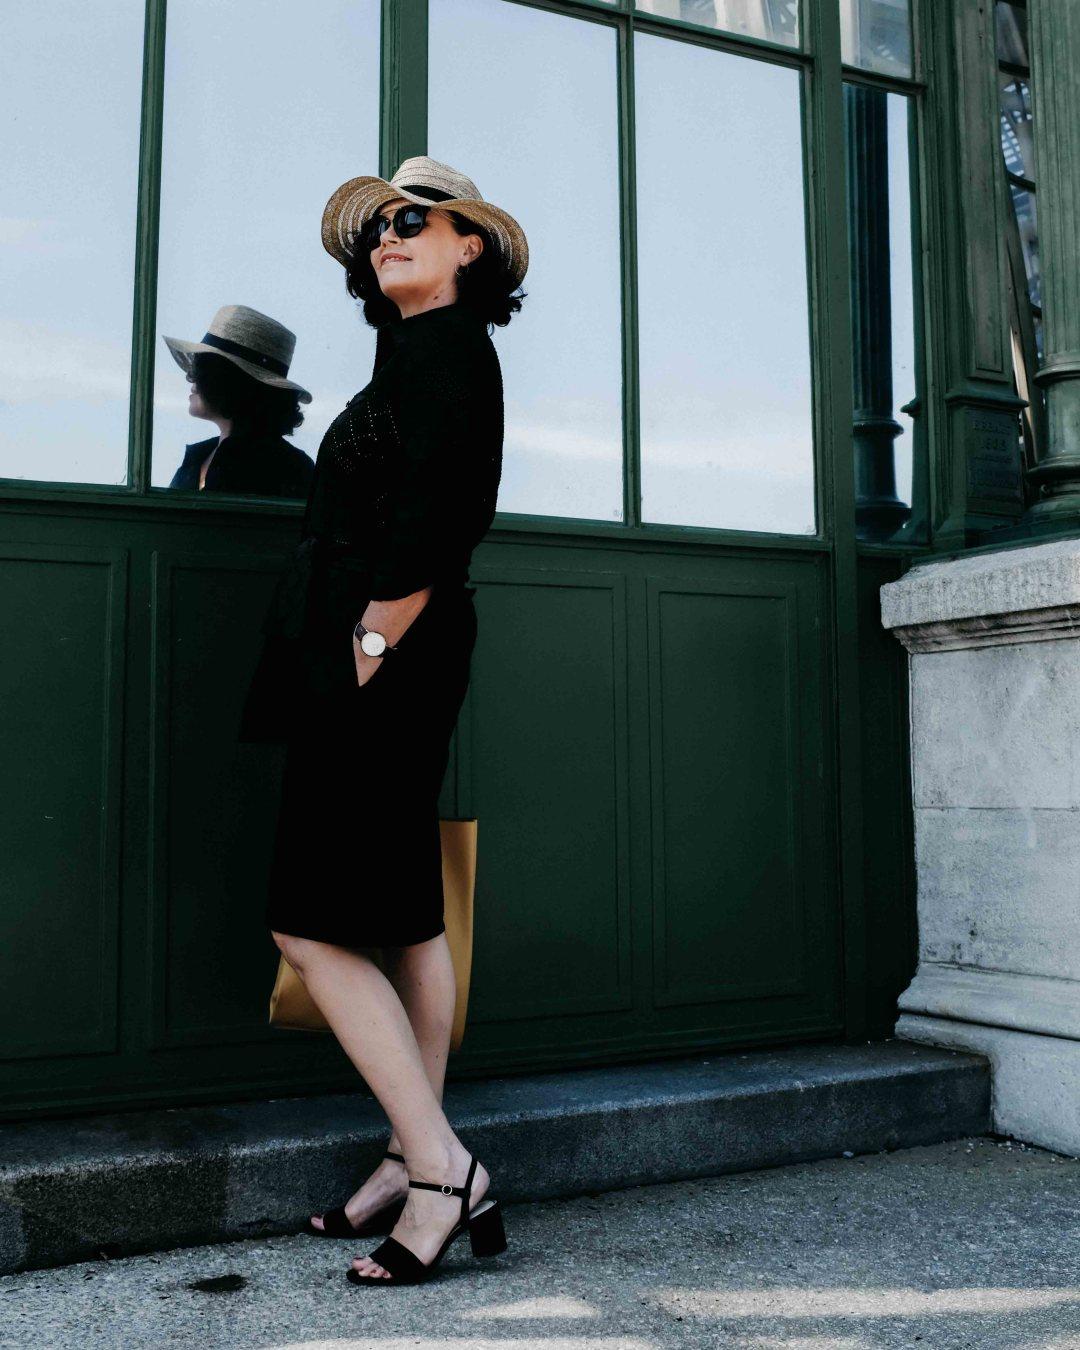 inastil, Ü50Blogger, agelesstyle, Modeberatung, Mode Ü50, Stilberatung, Palmenhaus Schönbrunn, Wien, Sommerkleid, Marc Aurel, Sommermode-27